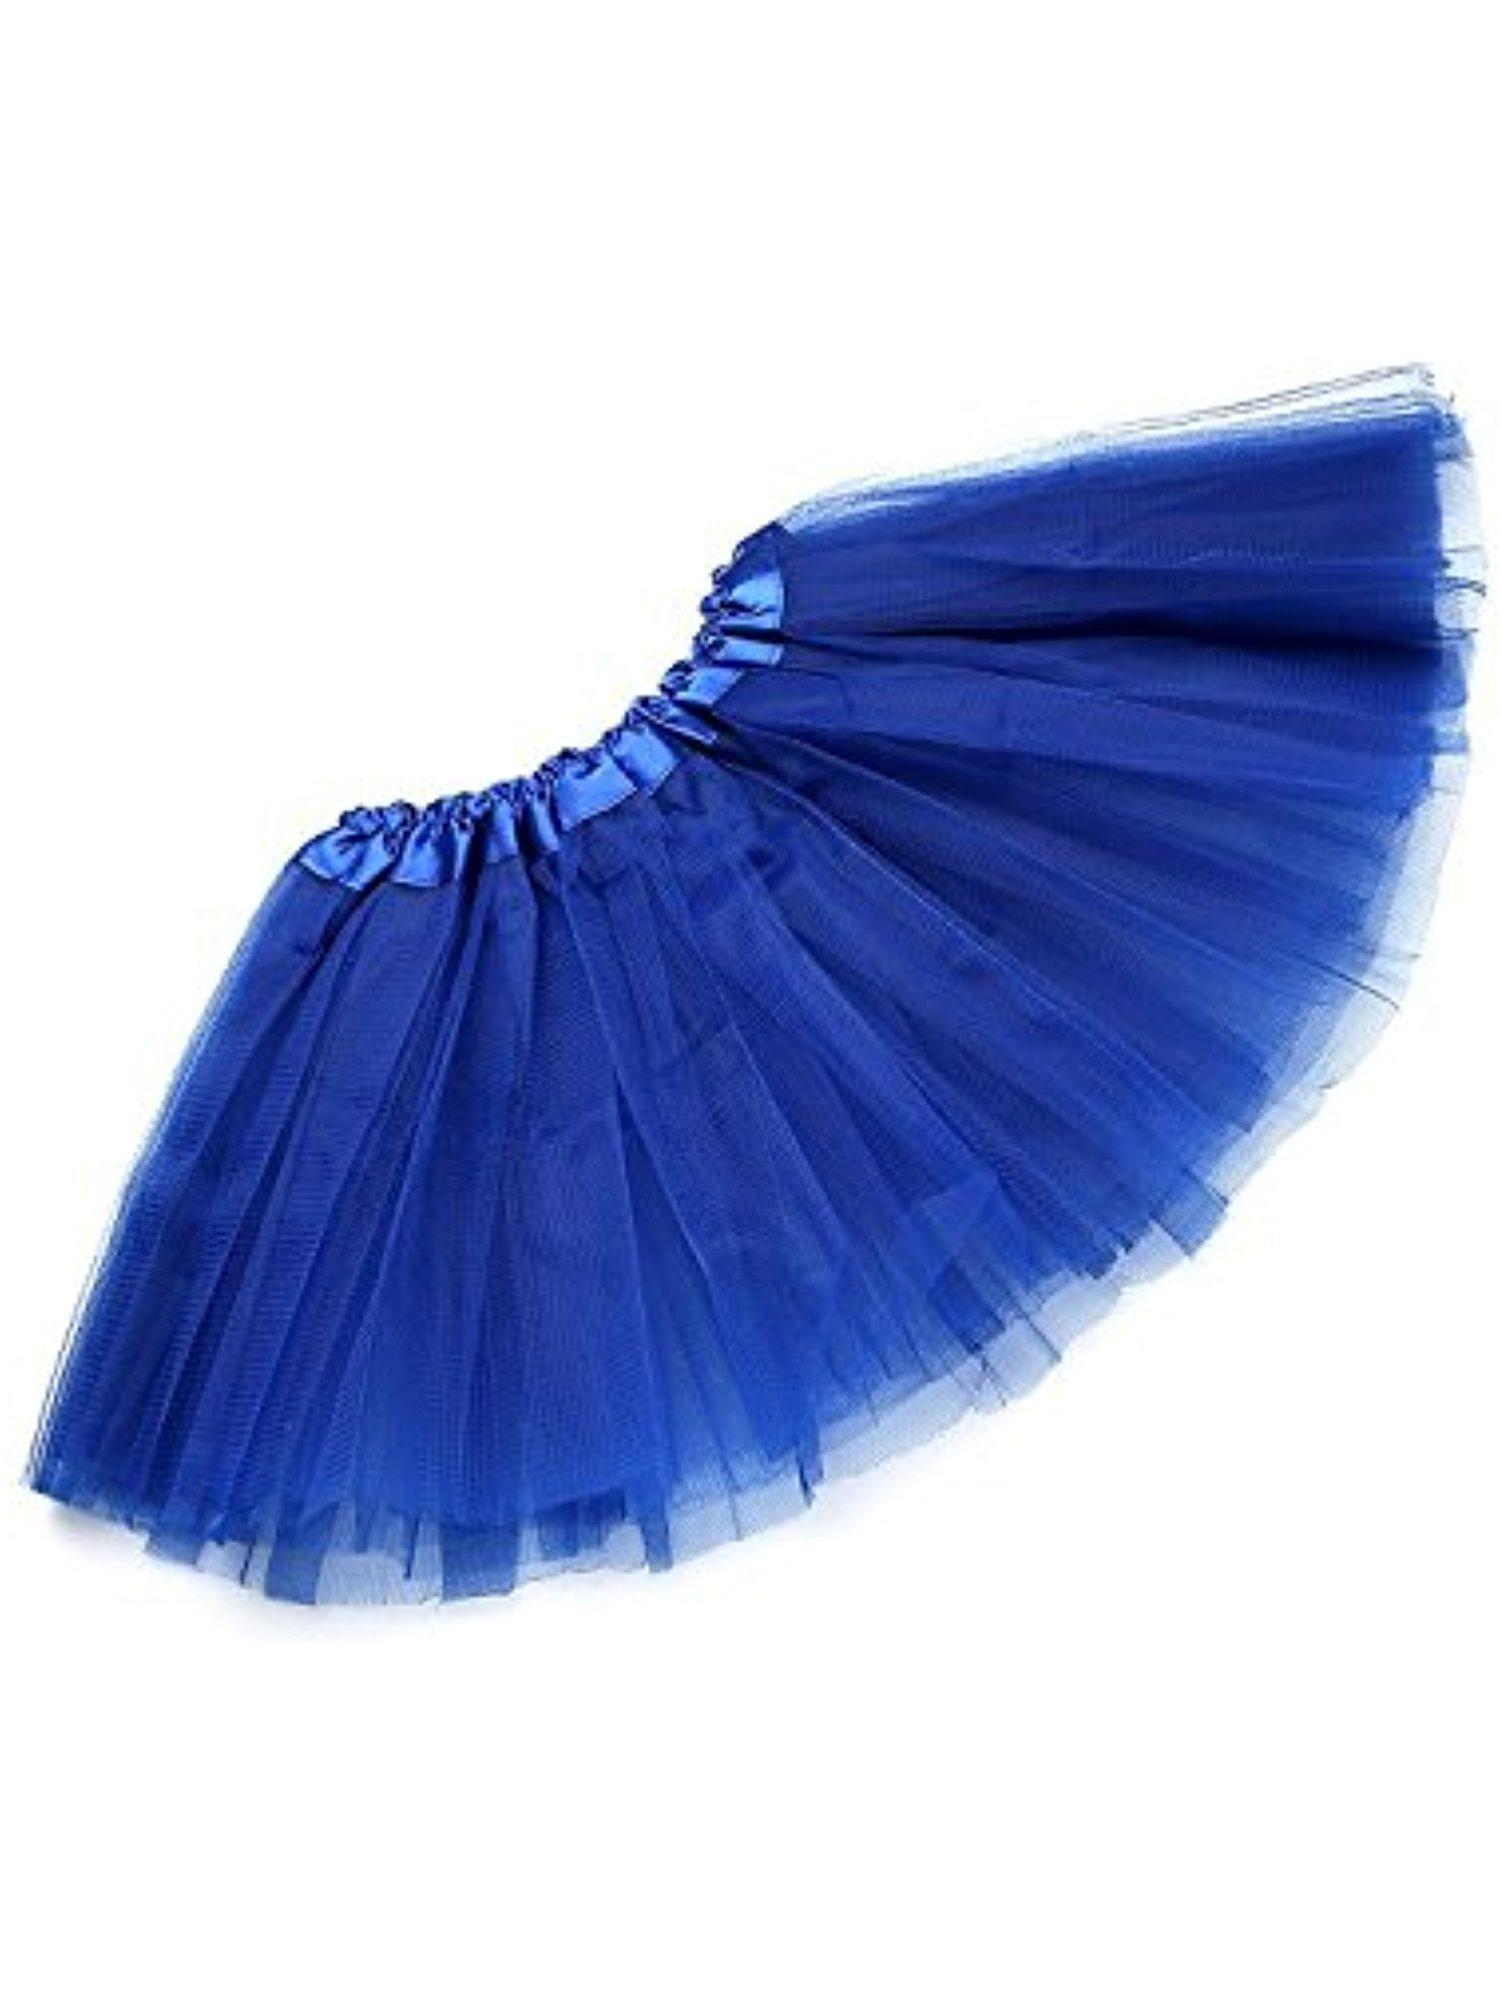 Anleolife 12'' Ballet Birthday Tutu Dress Cheap Tutu Skirt Ballet Dance Mini